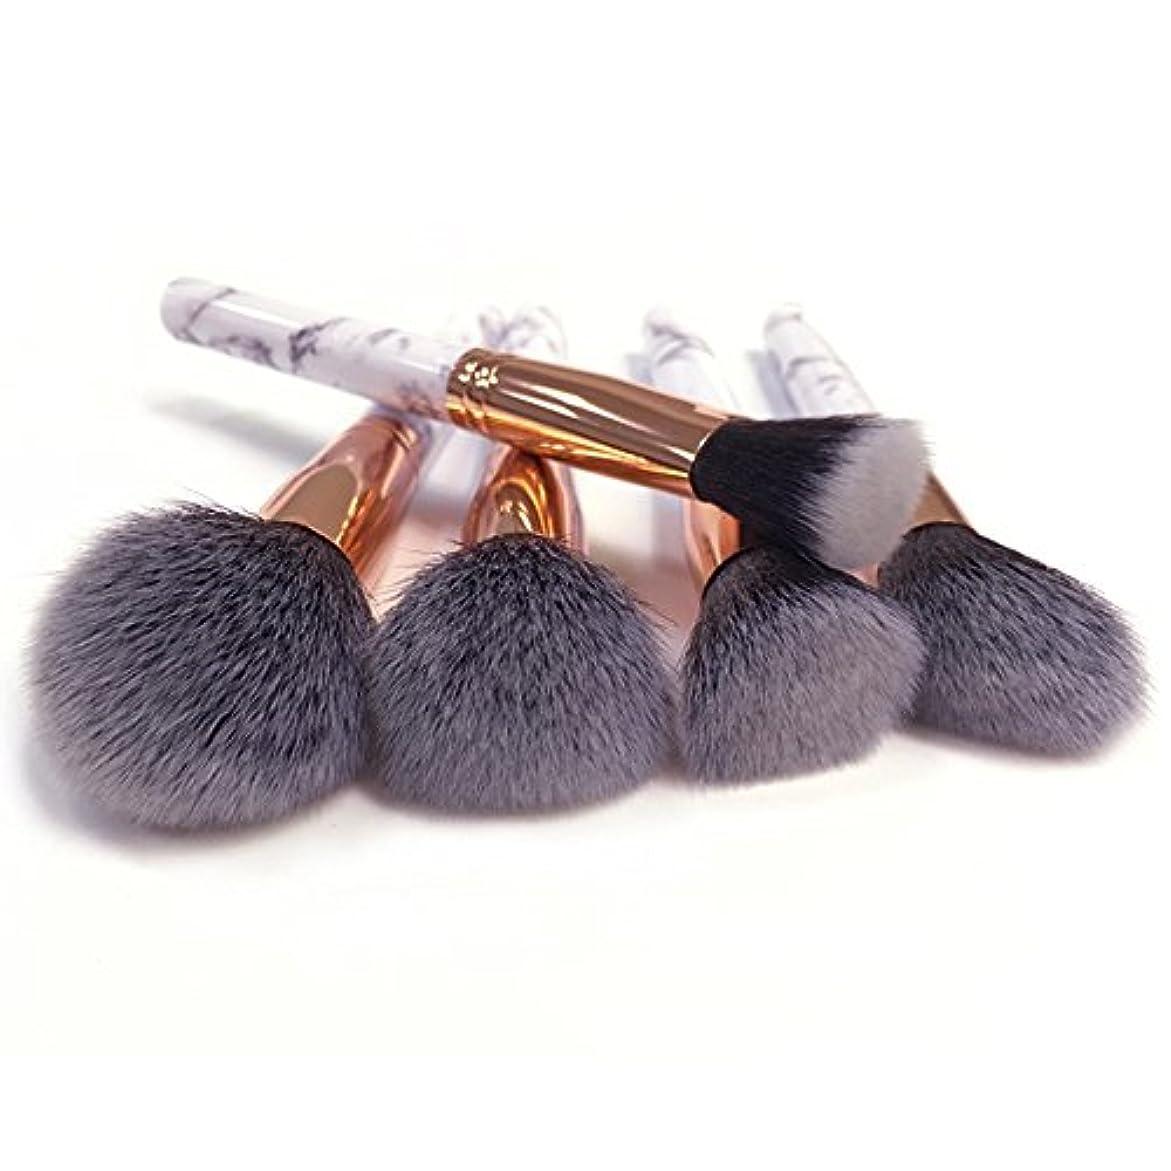 はぁ飢え趣味Akane 10本 大理石紋 超気質的 セート 多機能 柔らかい たっぷり 高級 優雅 綺麗 魅力 上等な使用感 激安 日常 仕事 おしゃれ Makeup Brush メイクアップブラシ